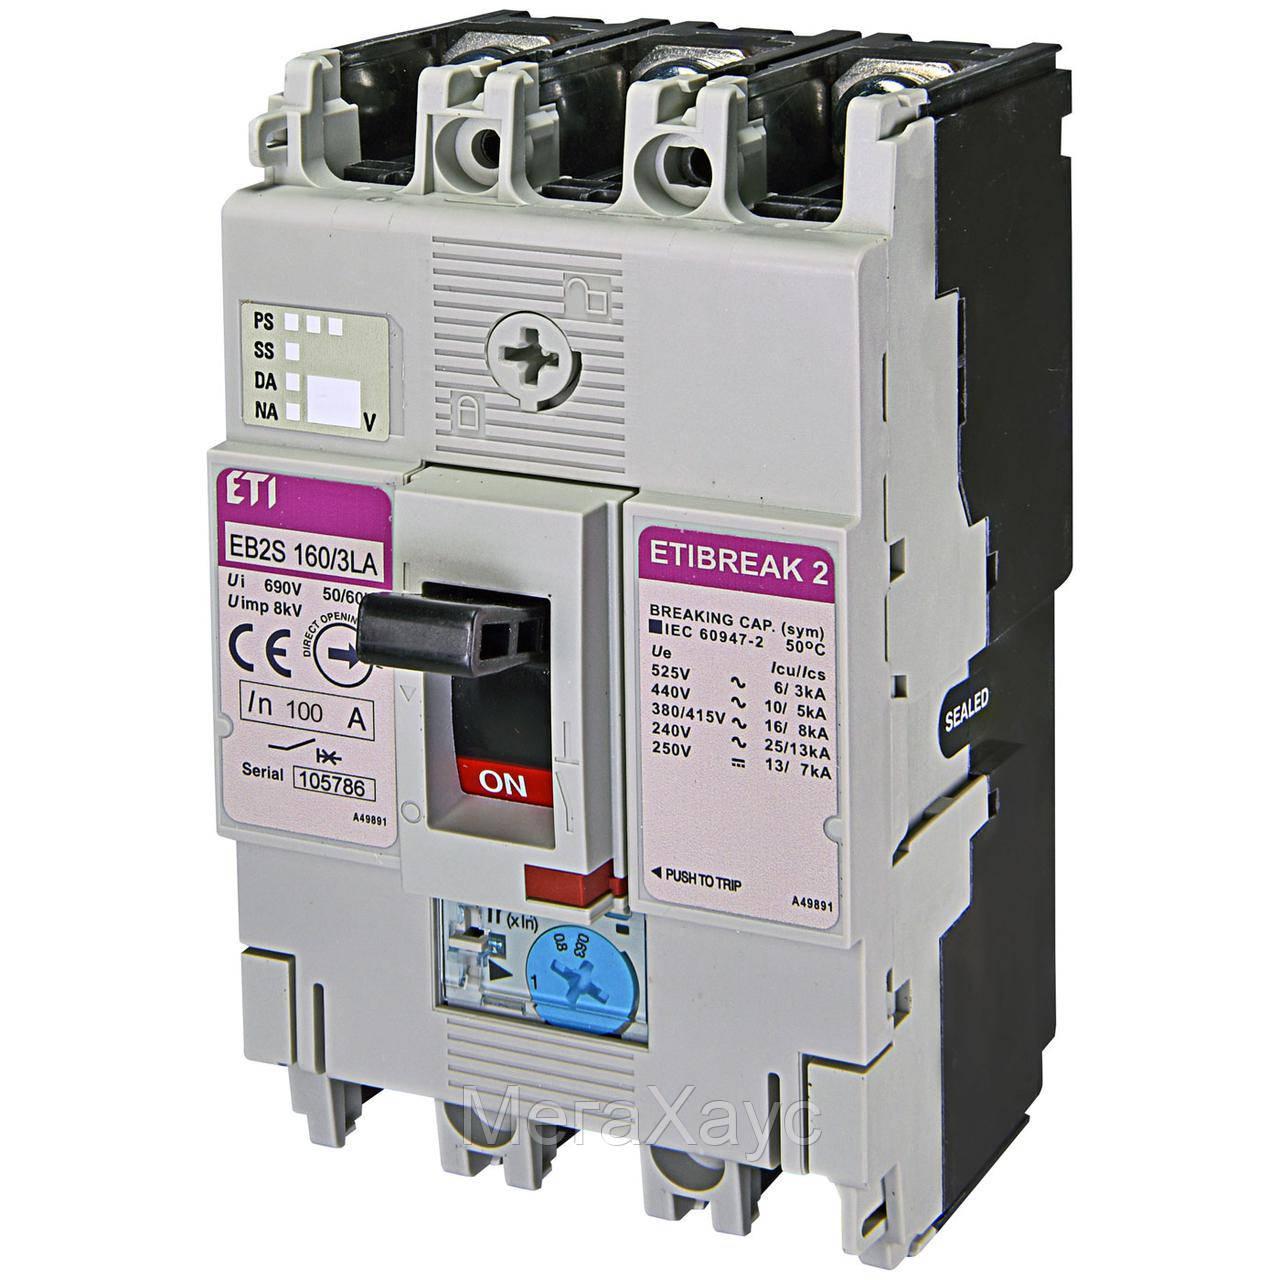 Промышленный автоматический выключатель ETI ETIBREAK  EB2S 160/3LA 100А 3P (16kA регулируемый